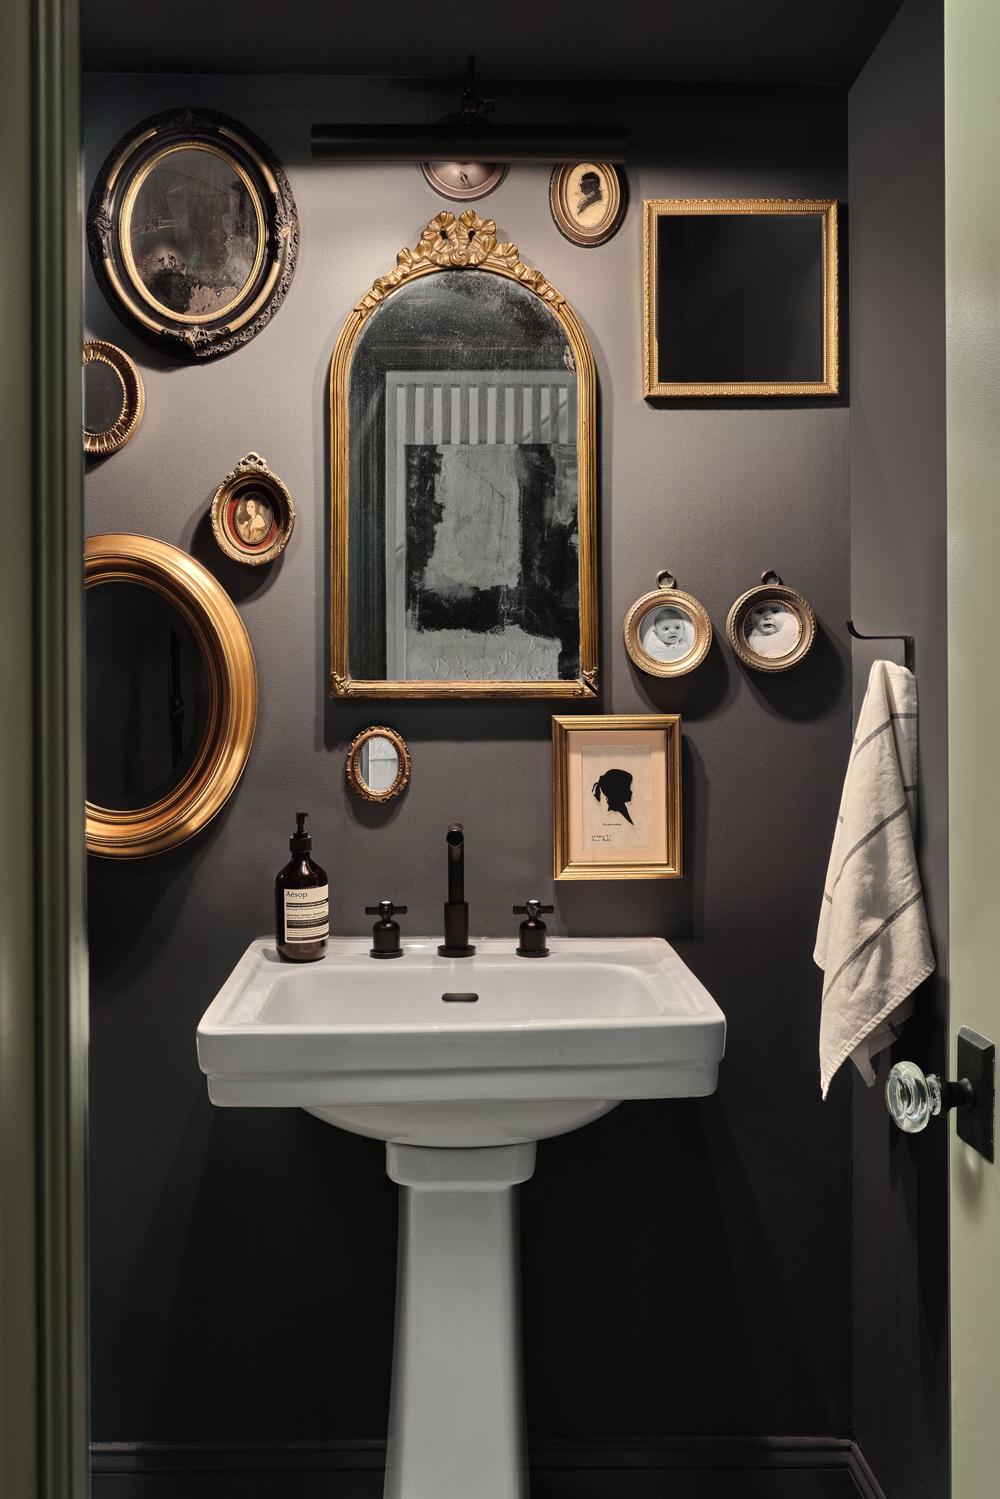 идеи стен галереи с стеной галереи старинных зеркал на фоне черной окрашенной стены